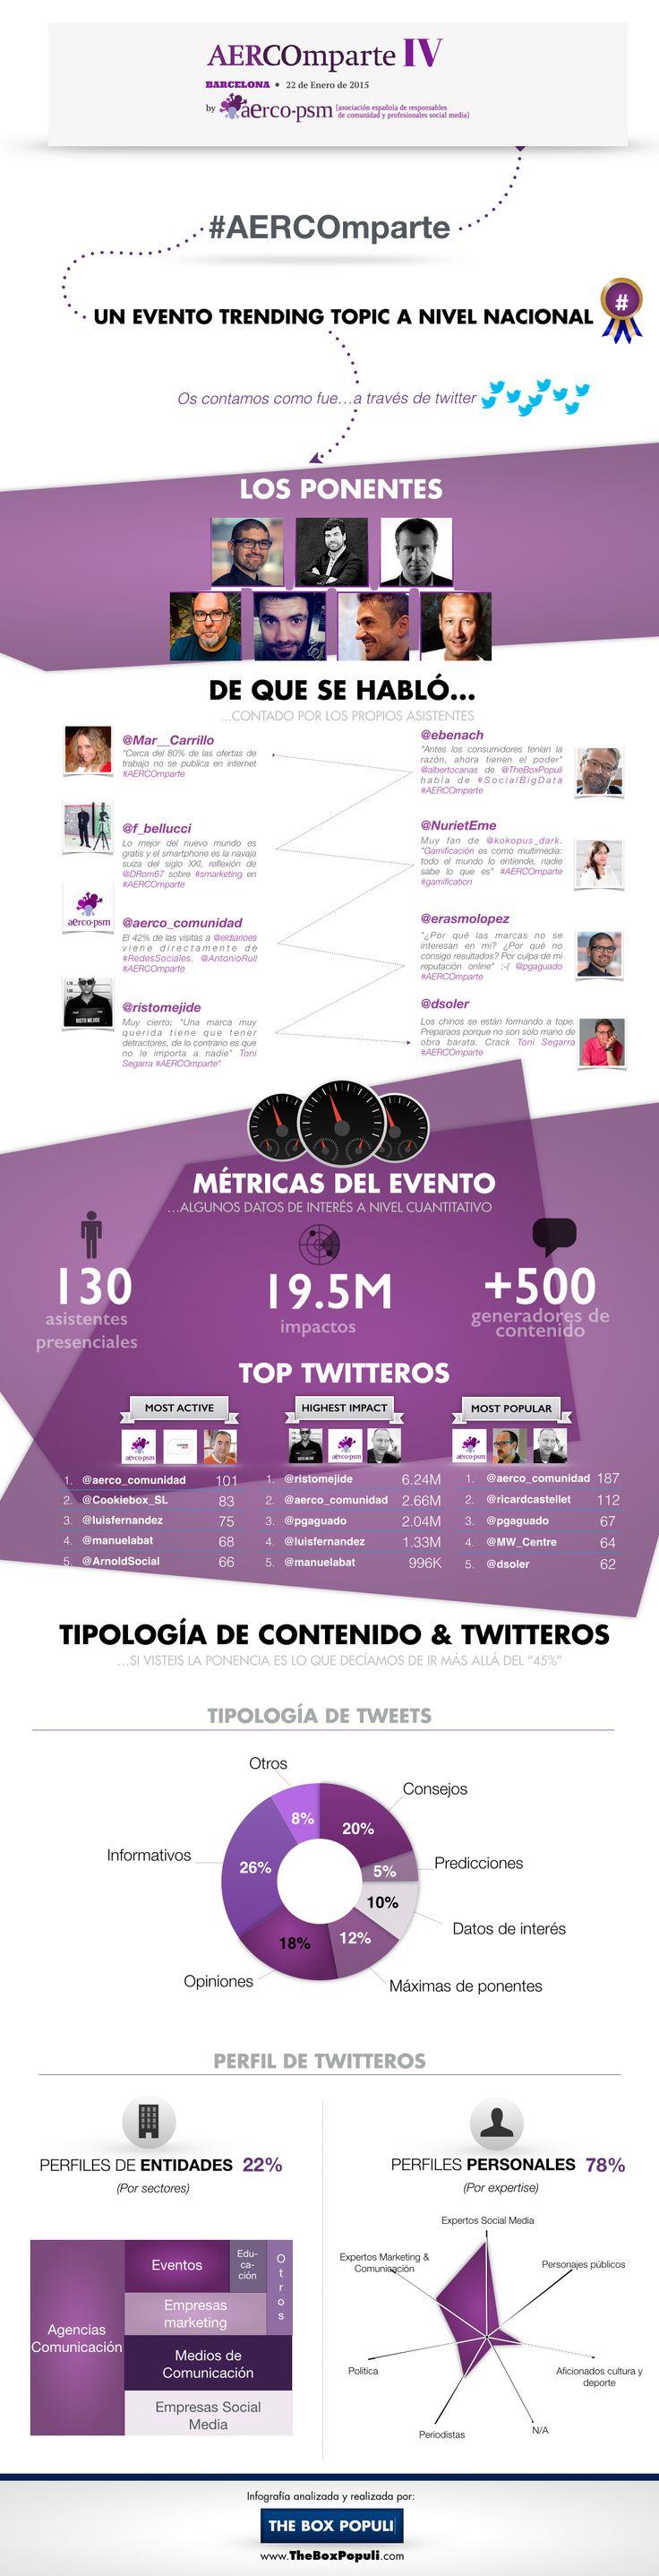 Infografía con los datos más relevantes de la IV edición de #AERCOmparte.